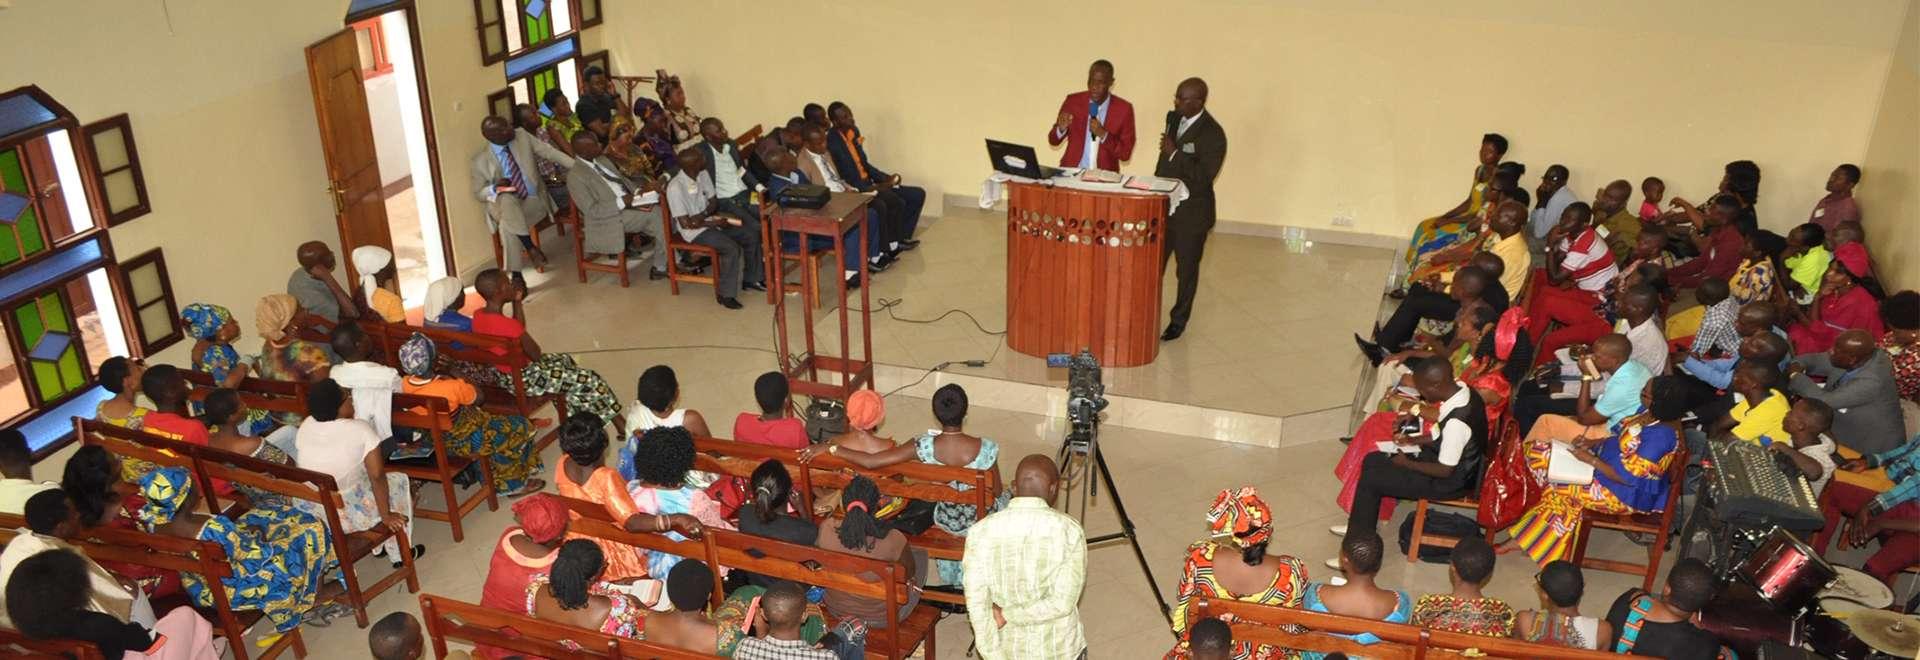 Seminário em Bujumbura, Burundi, reúne cerca de 500 participantes